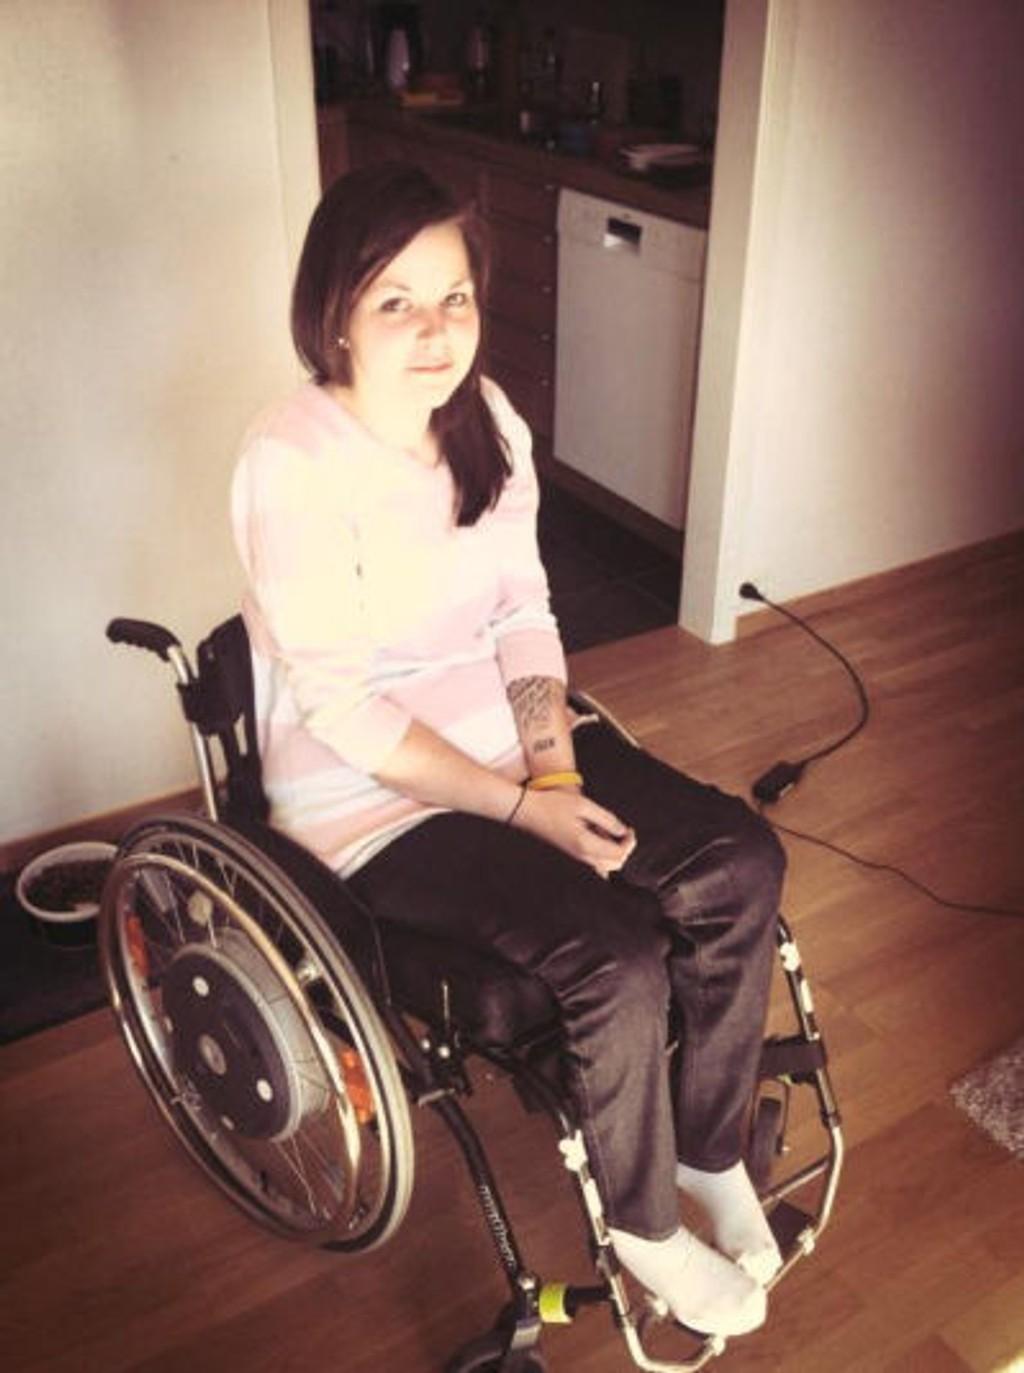 Cecilie Bjørndal er et levende bevis på at det kan blir fatalt hvis du fikler med telefonen mens du kjører bil. For seks år siden havnet hun i rullestol på grunn av en uforsiktig trailersjåfør.